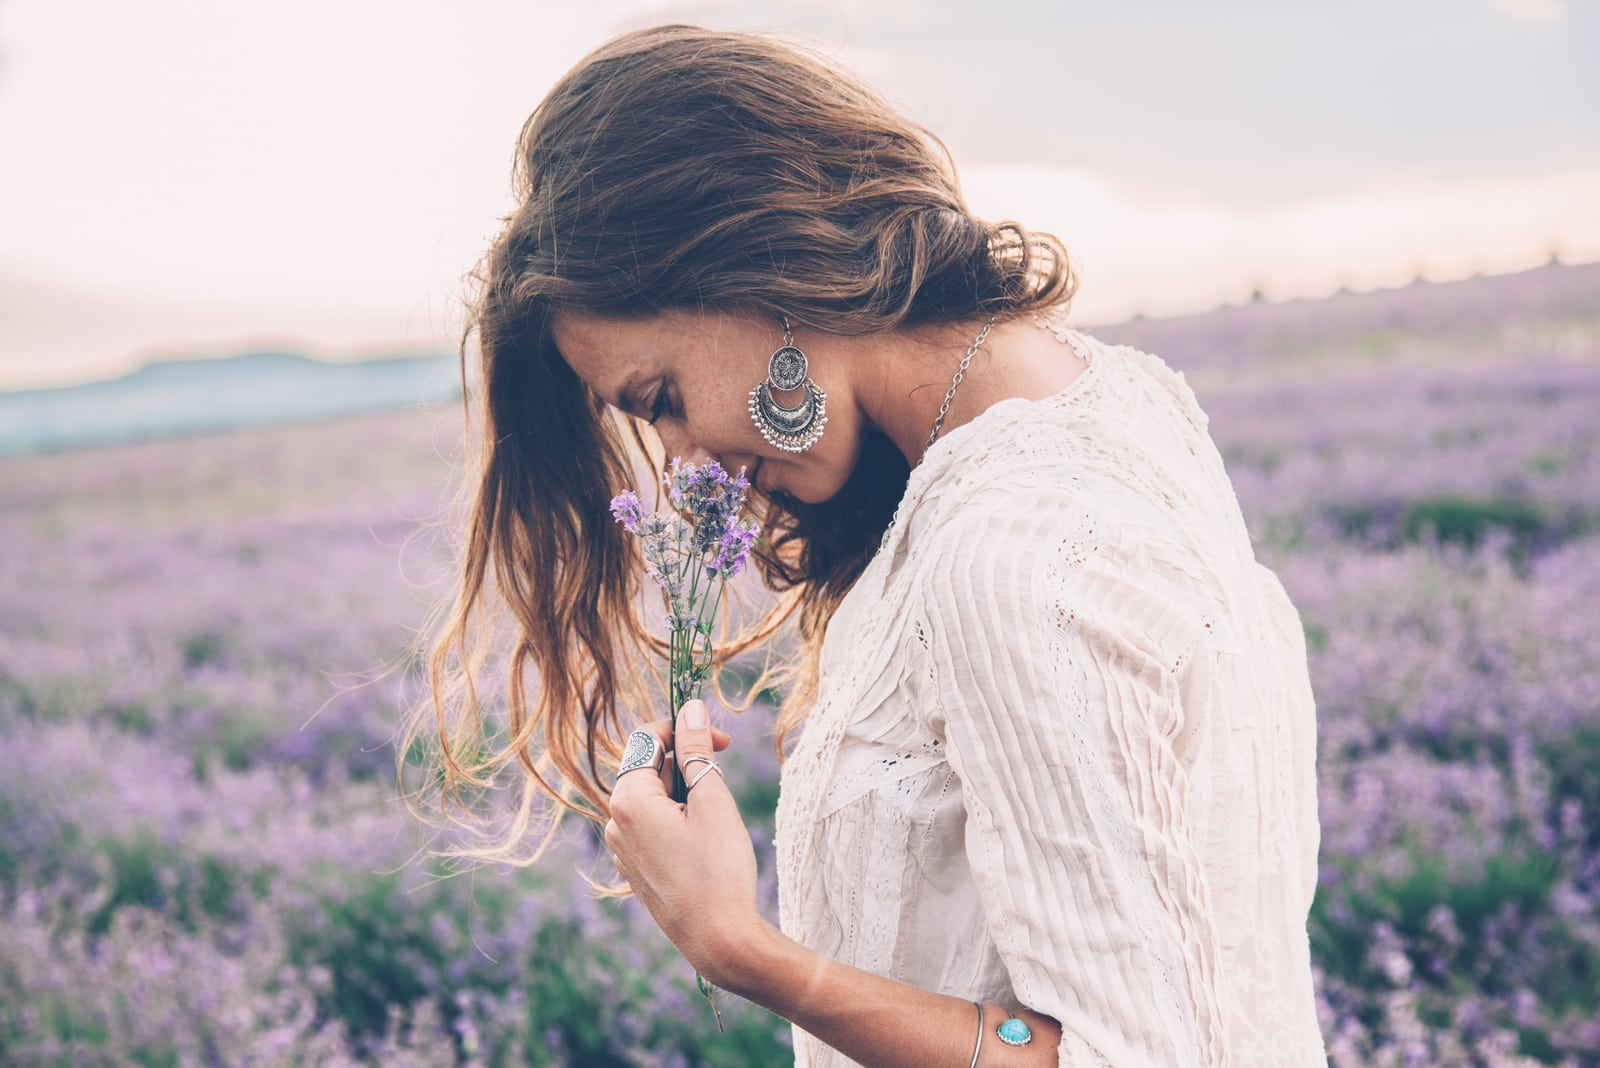 beautiful woman standing on flower field smelling flowers